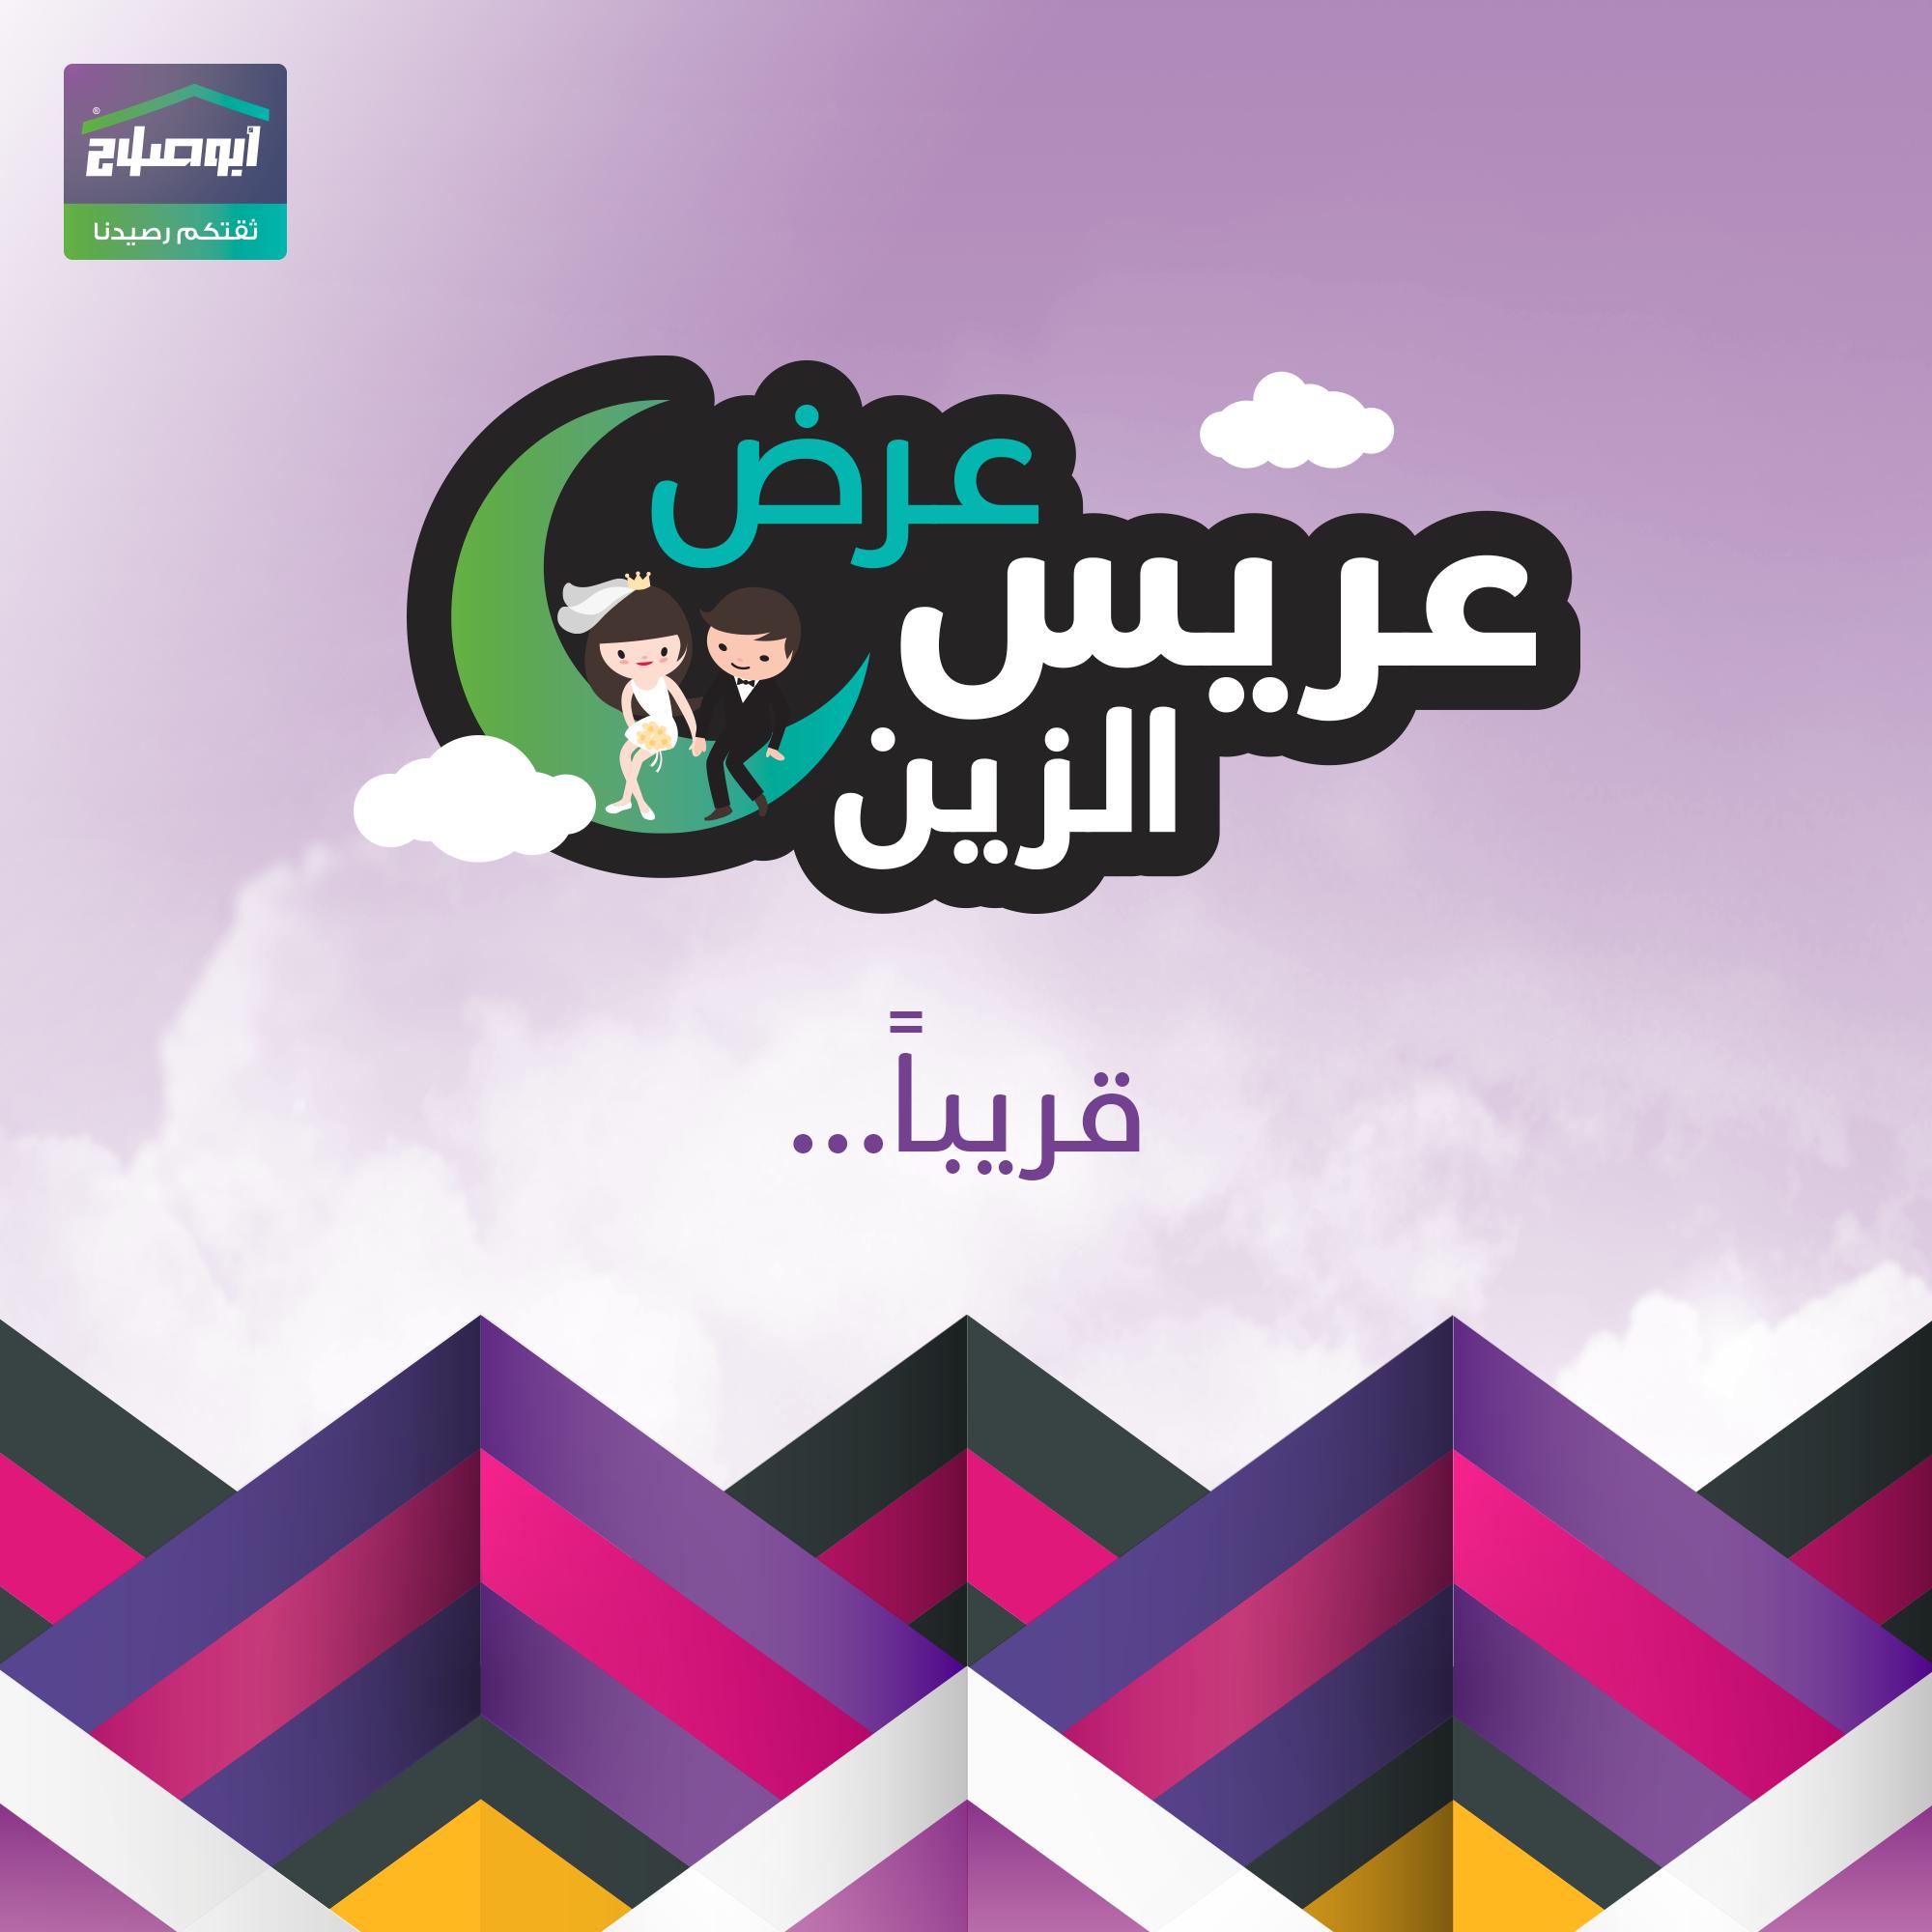 3arees el zain